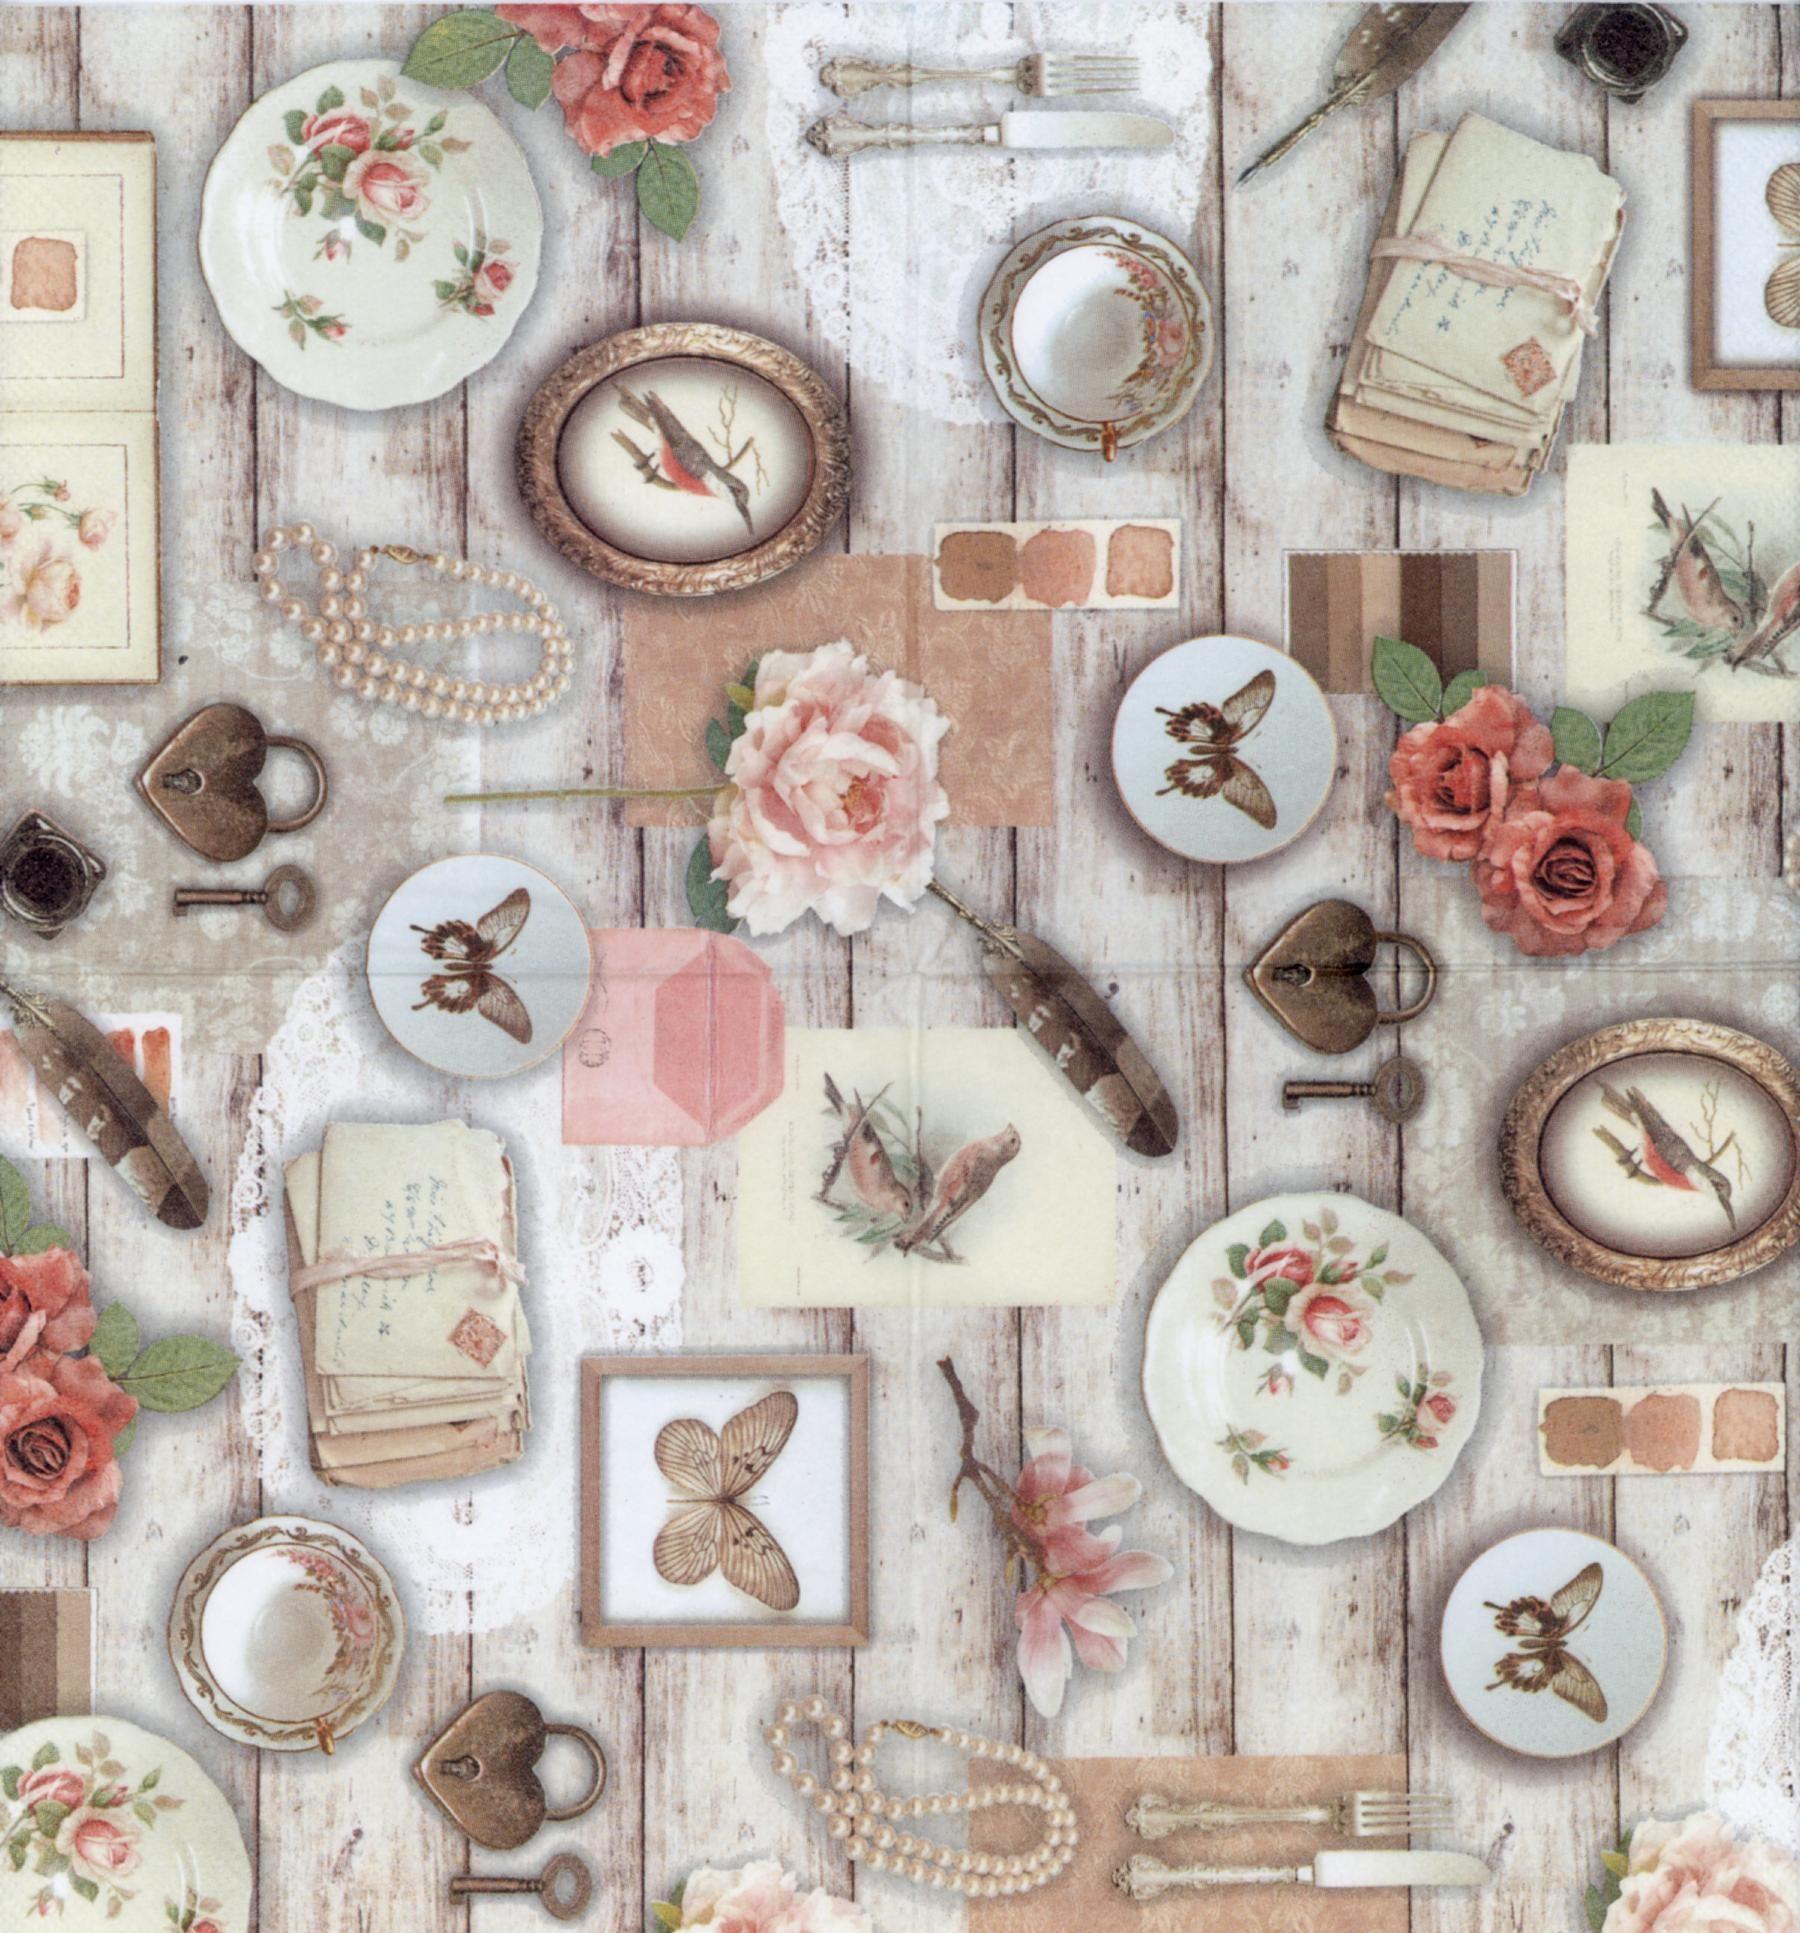 Decoupage Paper Napkins of vintage photos  Luncheon decorative